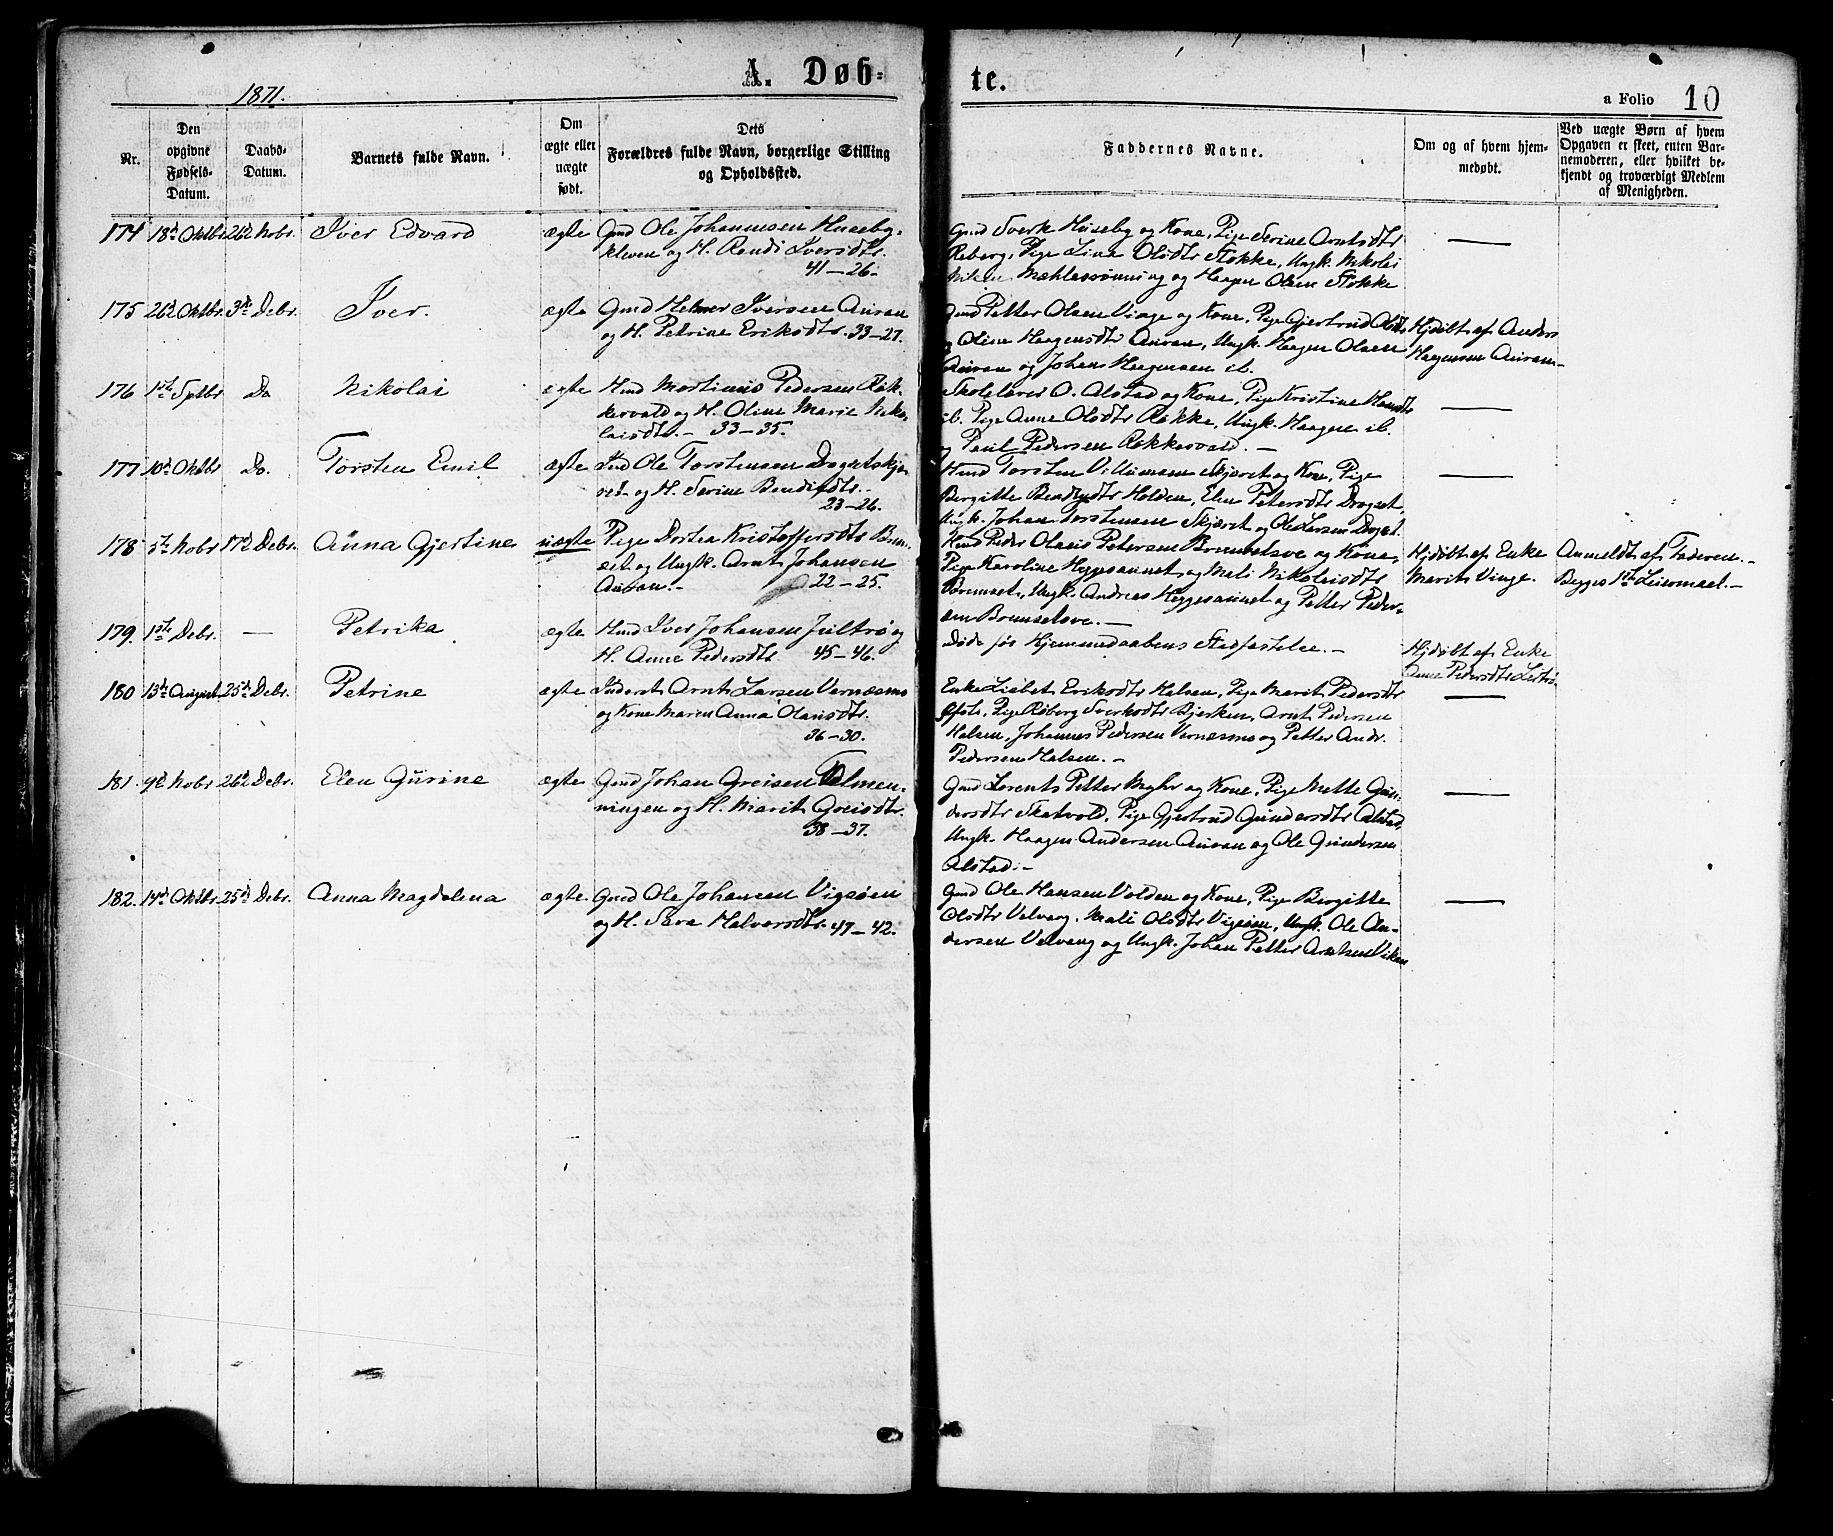 SAT, Ministerialprotokoller, klokkerbøker og fødselsregistre - Nord-Trøndelag, 709/L0076: Ministerialbok nr. 709A16, 1871-1879, s. 10